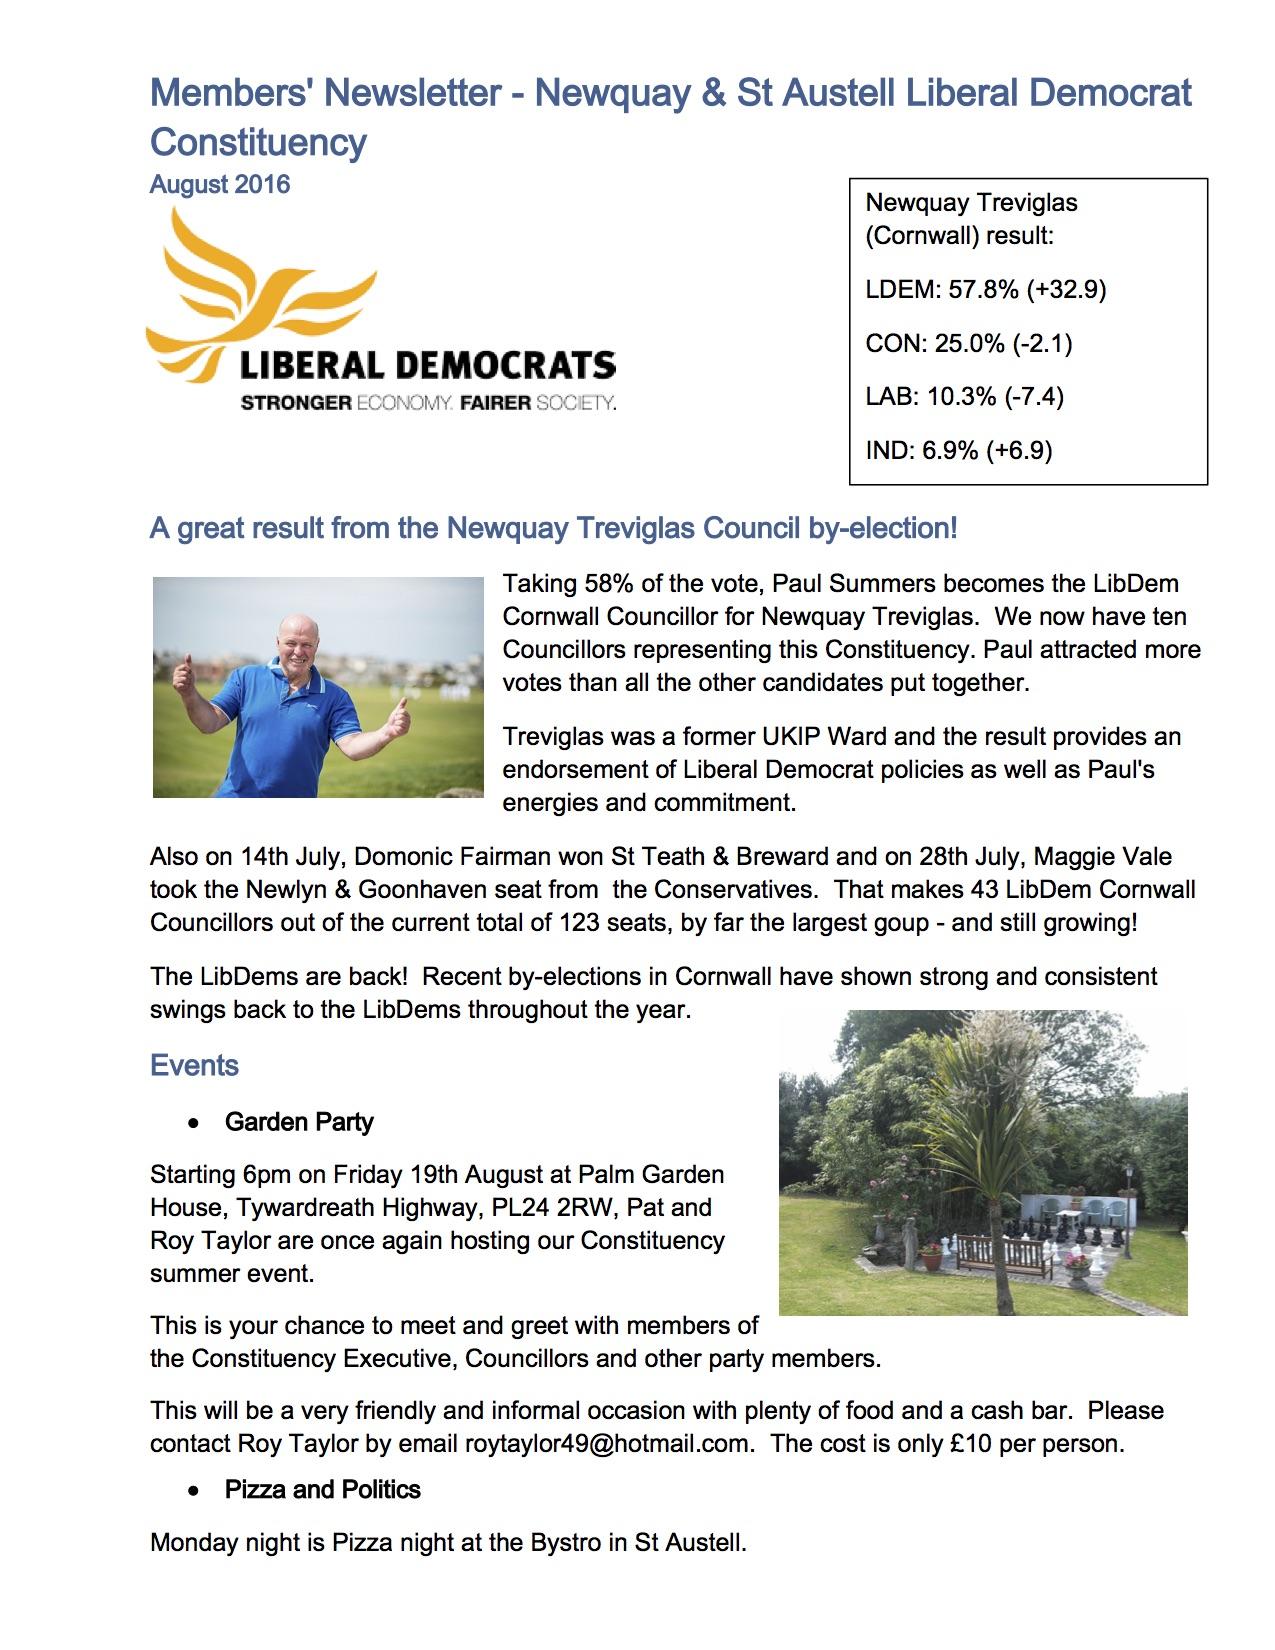 Members_Newsletter2(Aug)_P1.jpg